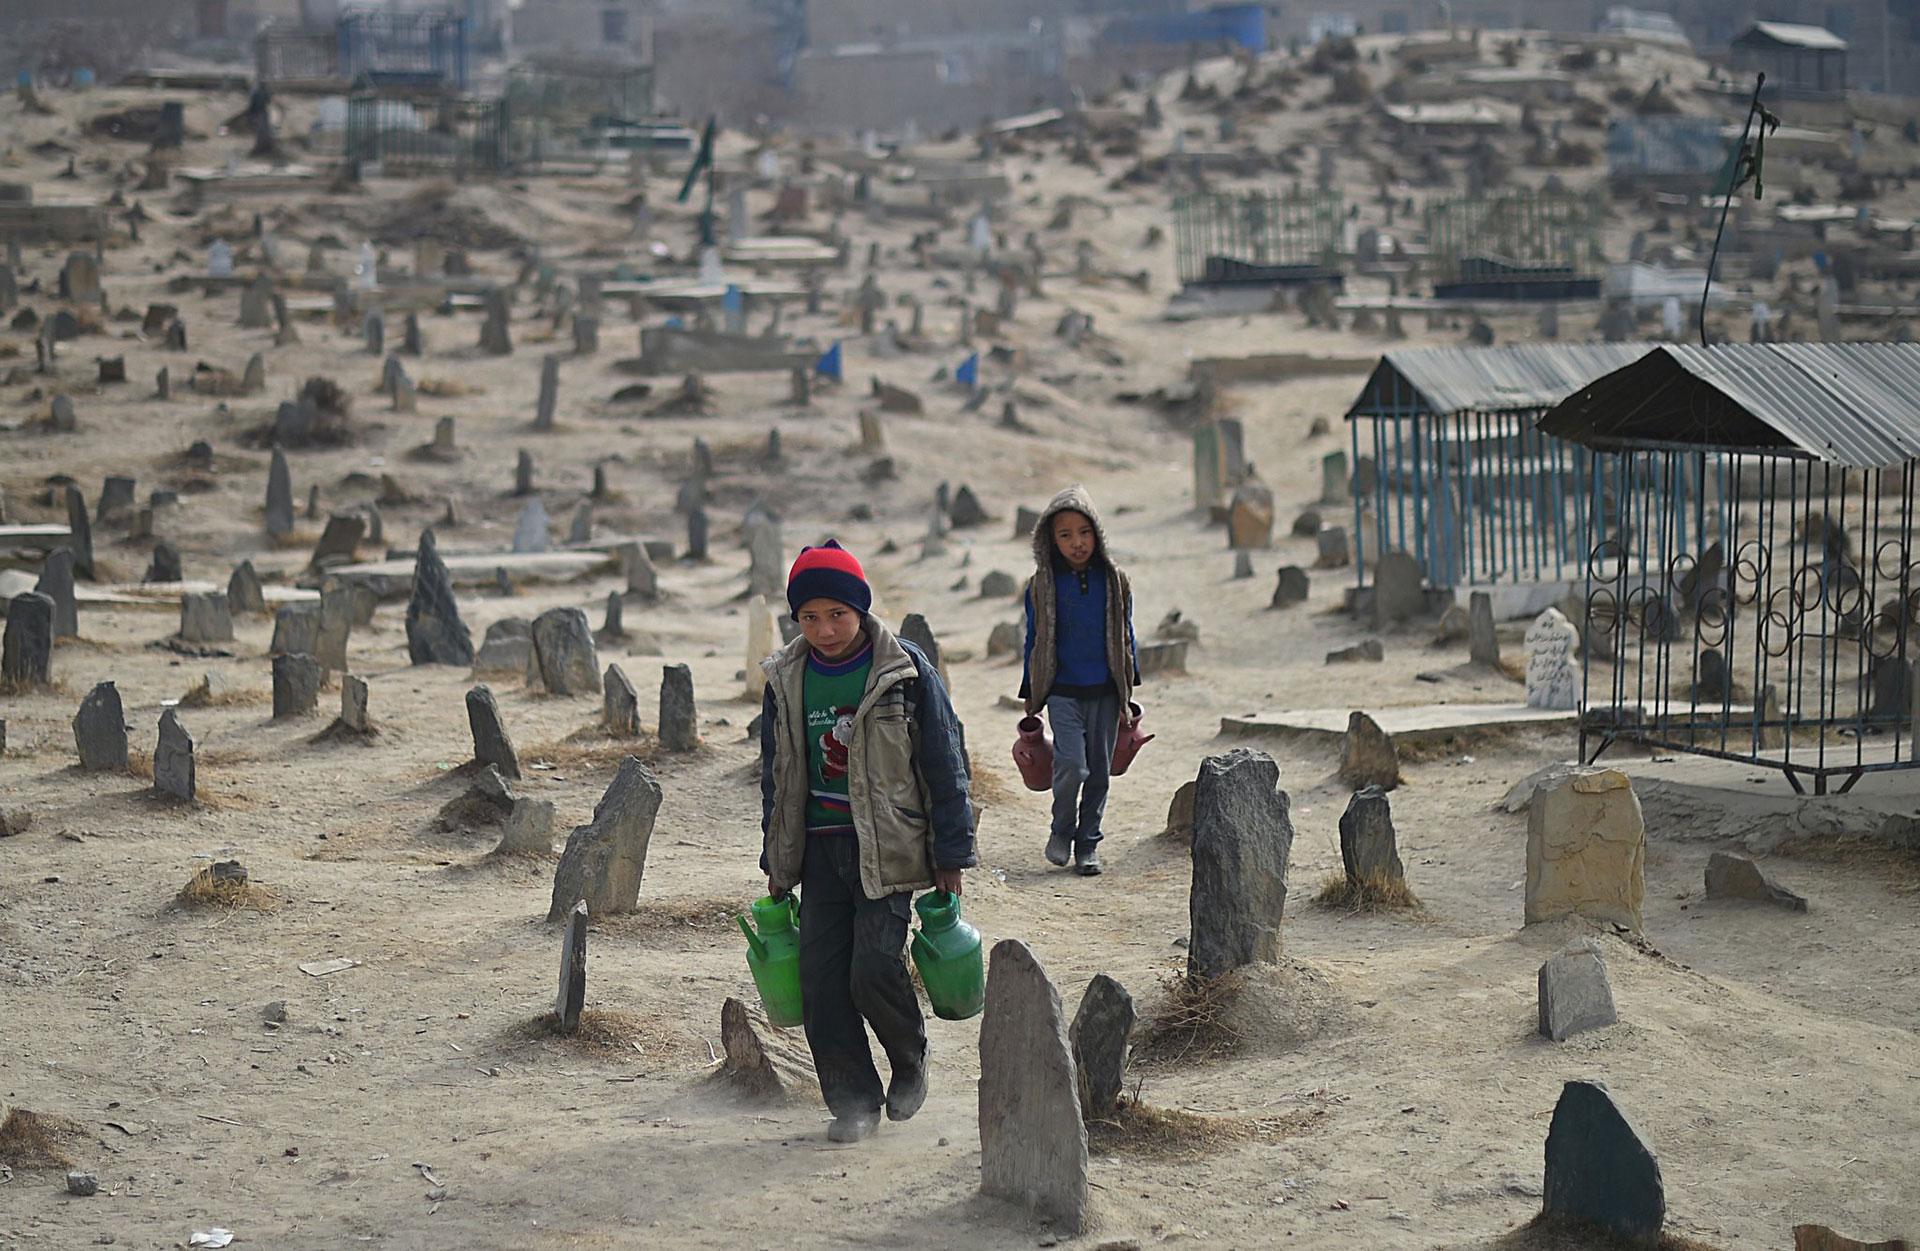 Dos niños que trabajan vendiendo agua recorren un cementerio de Kabul en 2015 (AFP)